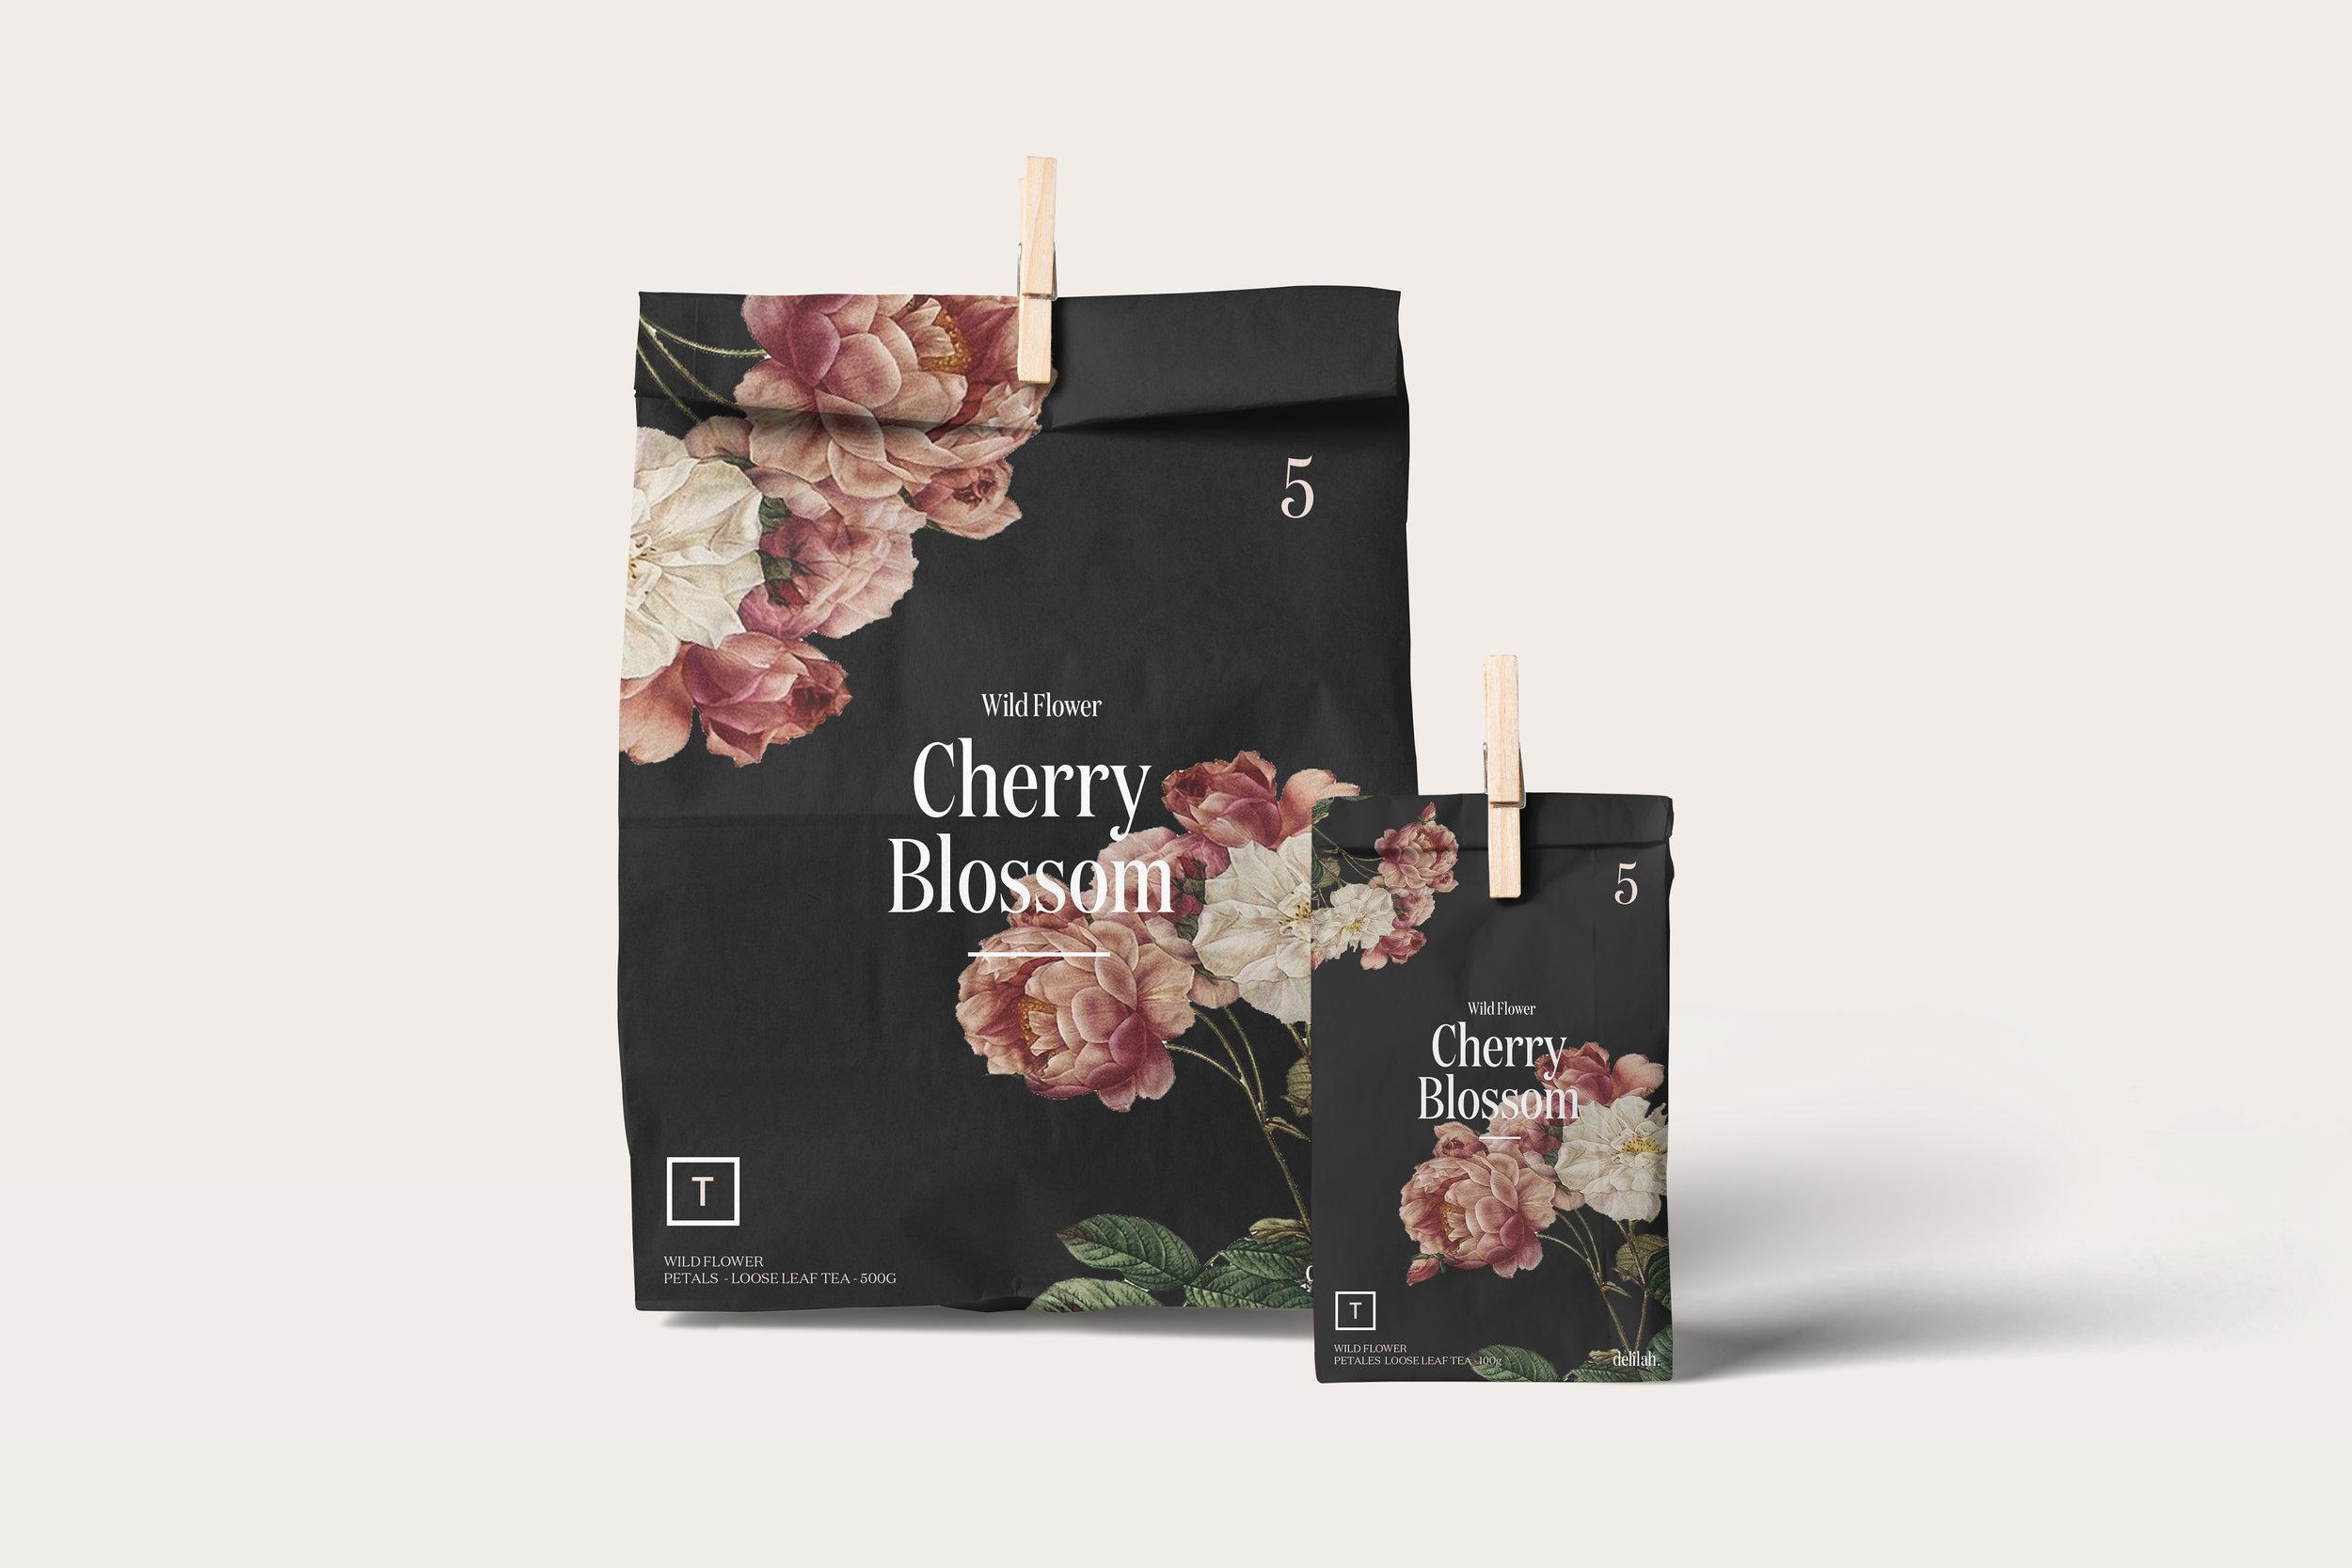 Branding & Packaging Design for Floral Juice Bar that Deliver Floral Based Edible Tea's